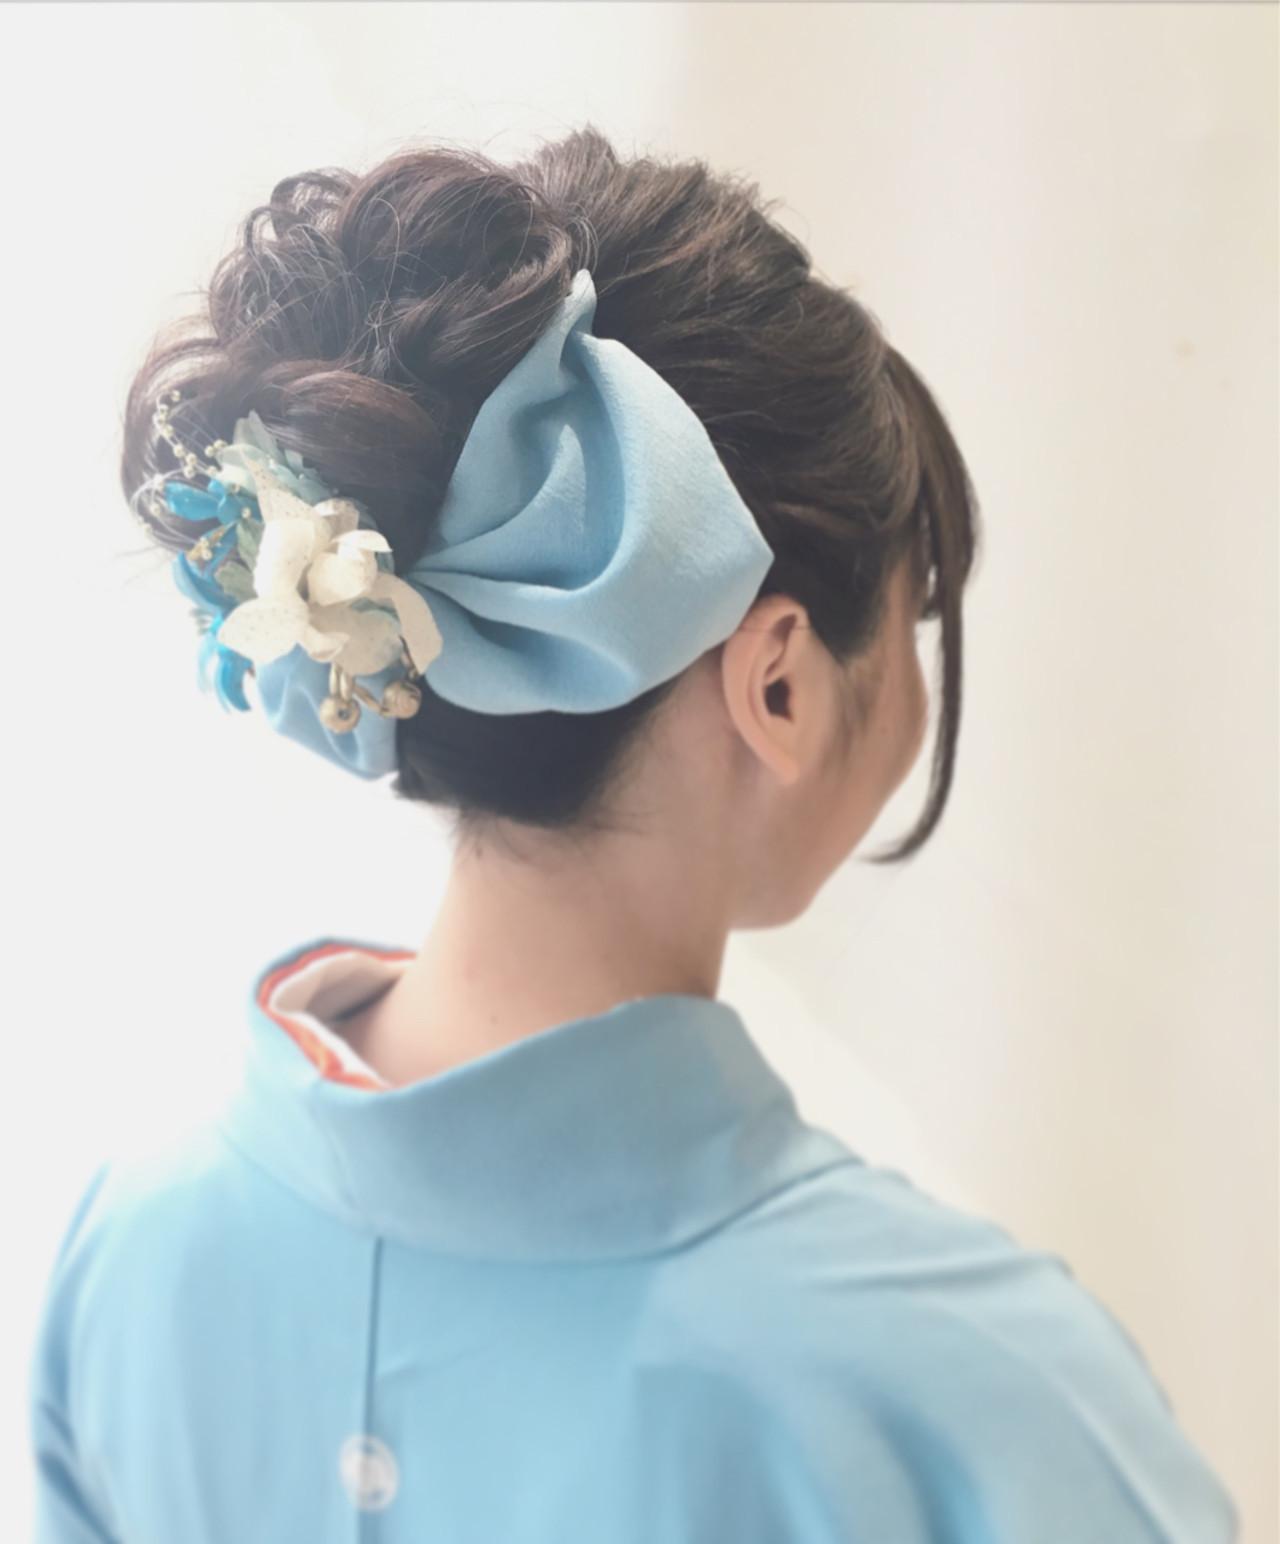 和服 ヘアアレンジ 和装 着物 ヘアスタイルや髪型の写真・画像